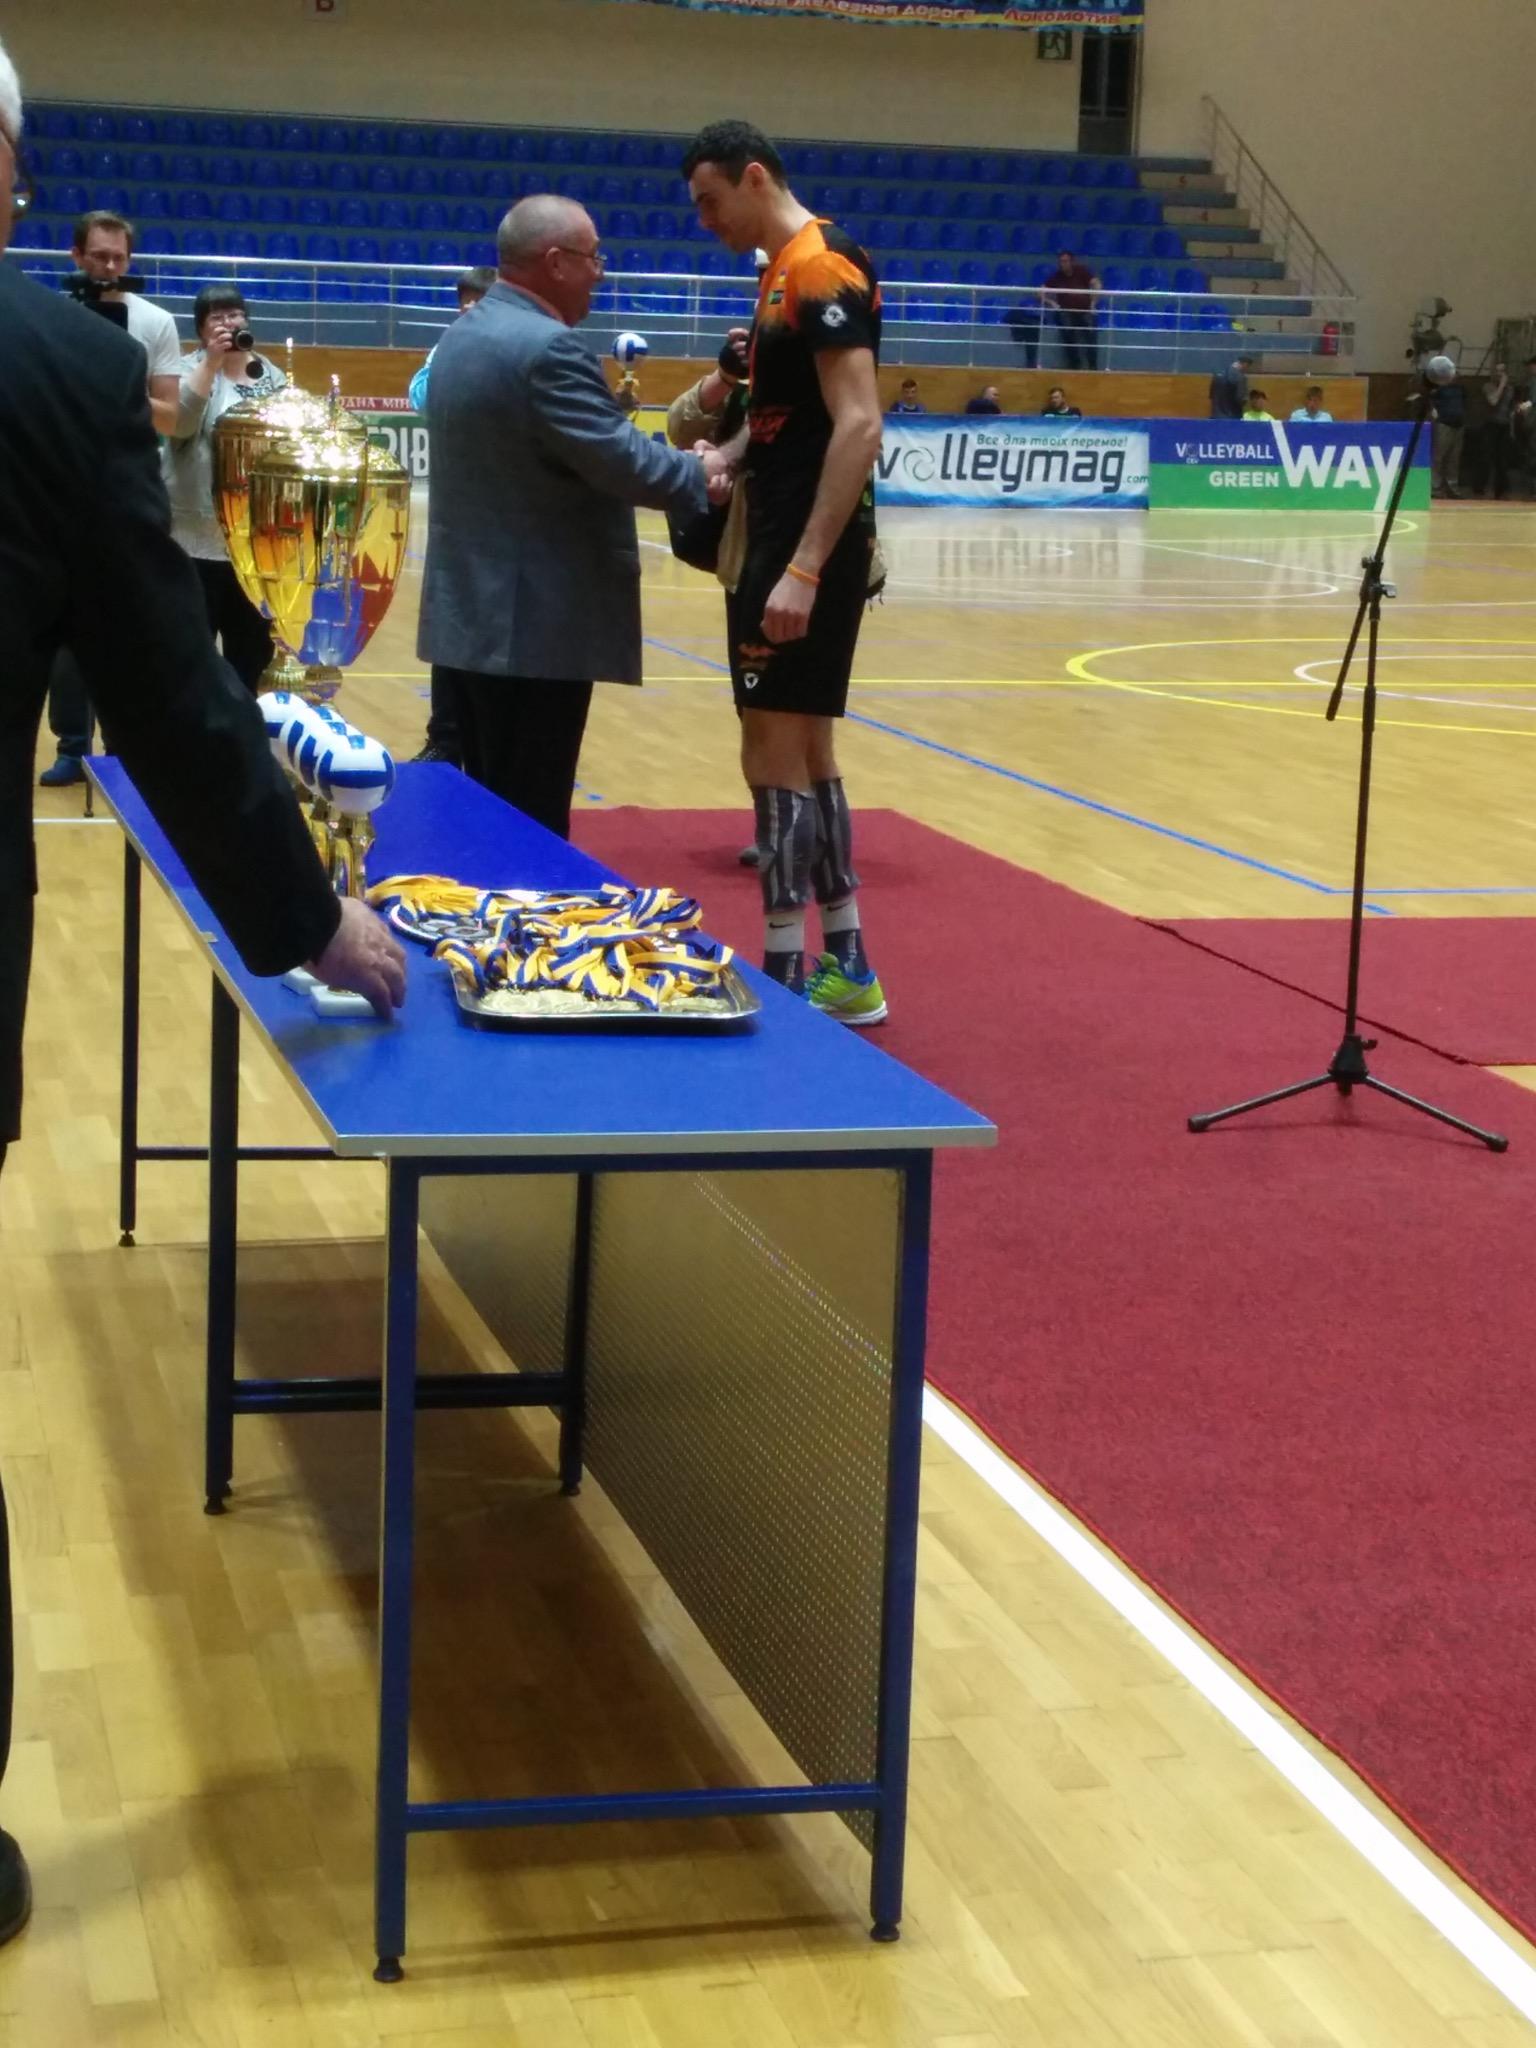 Нагородження кубком Чемпіонів України (29 квітня, фотозвіт) - 7